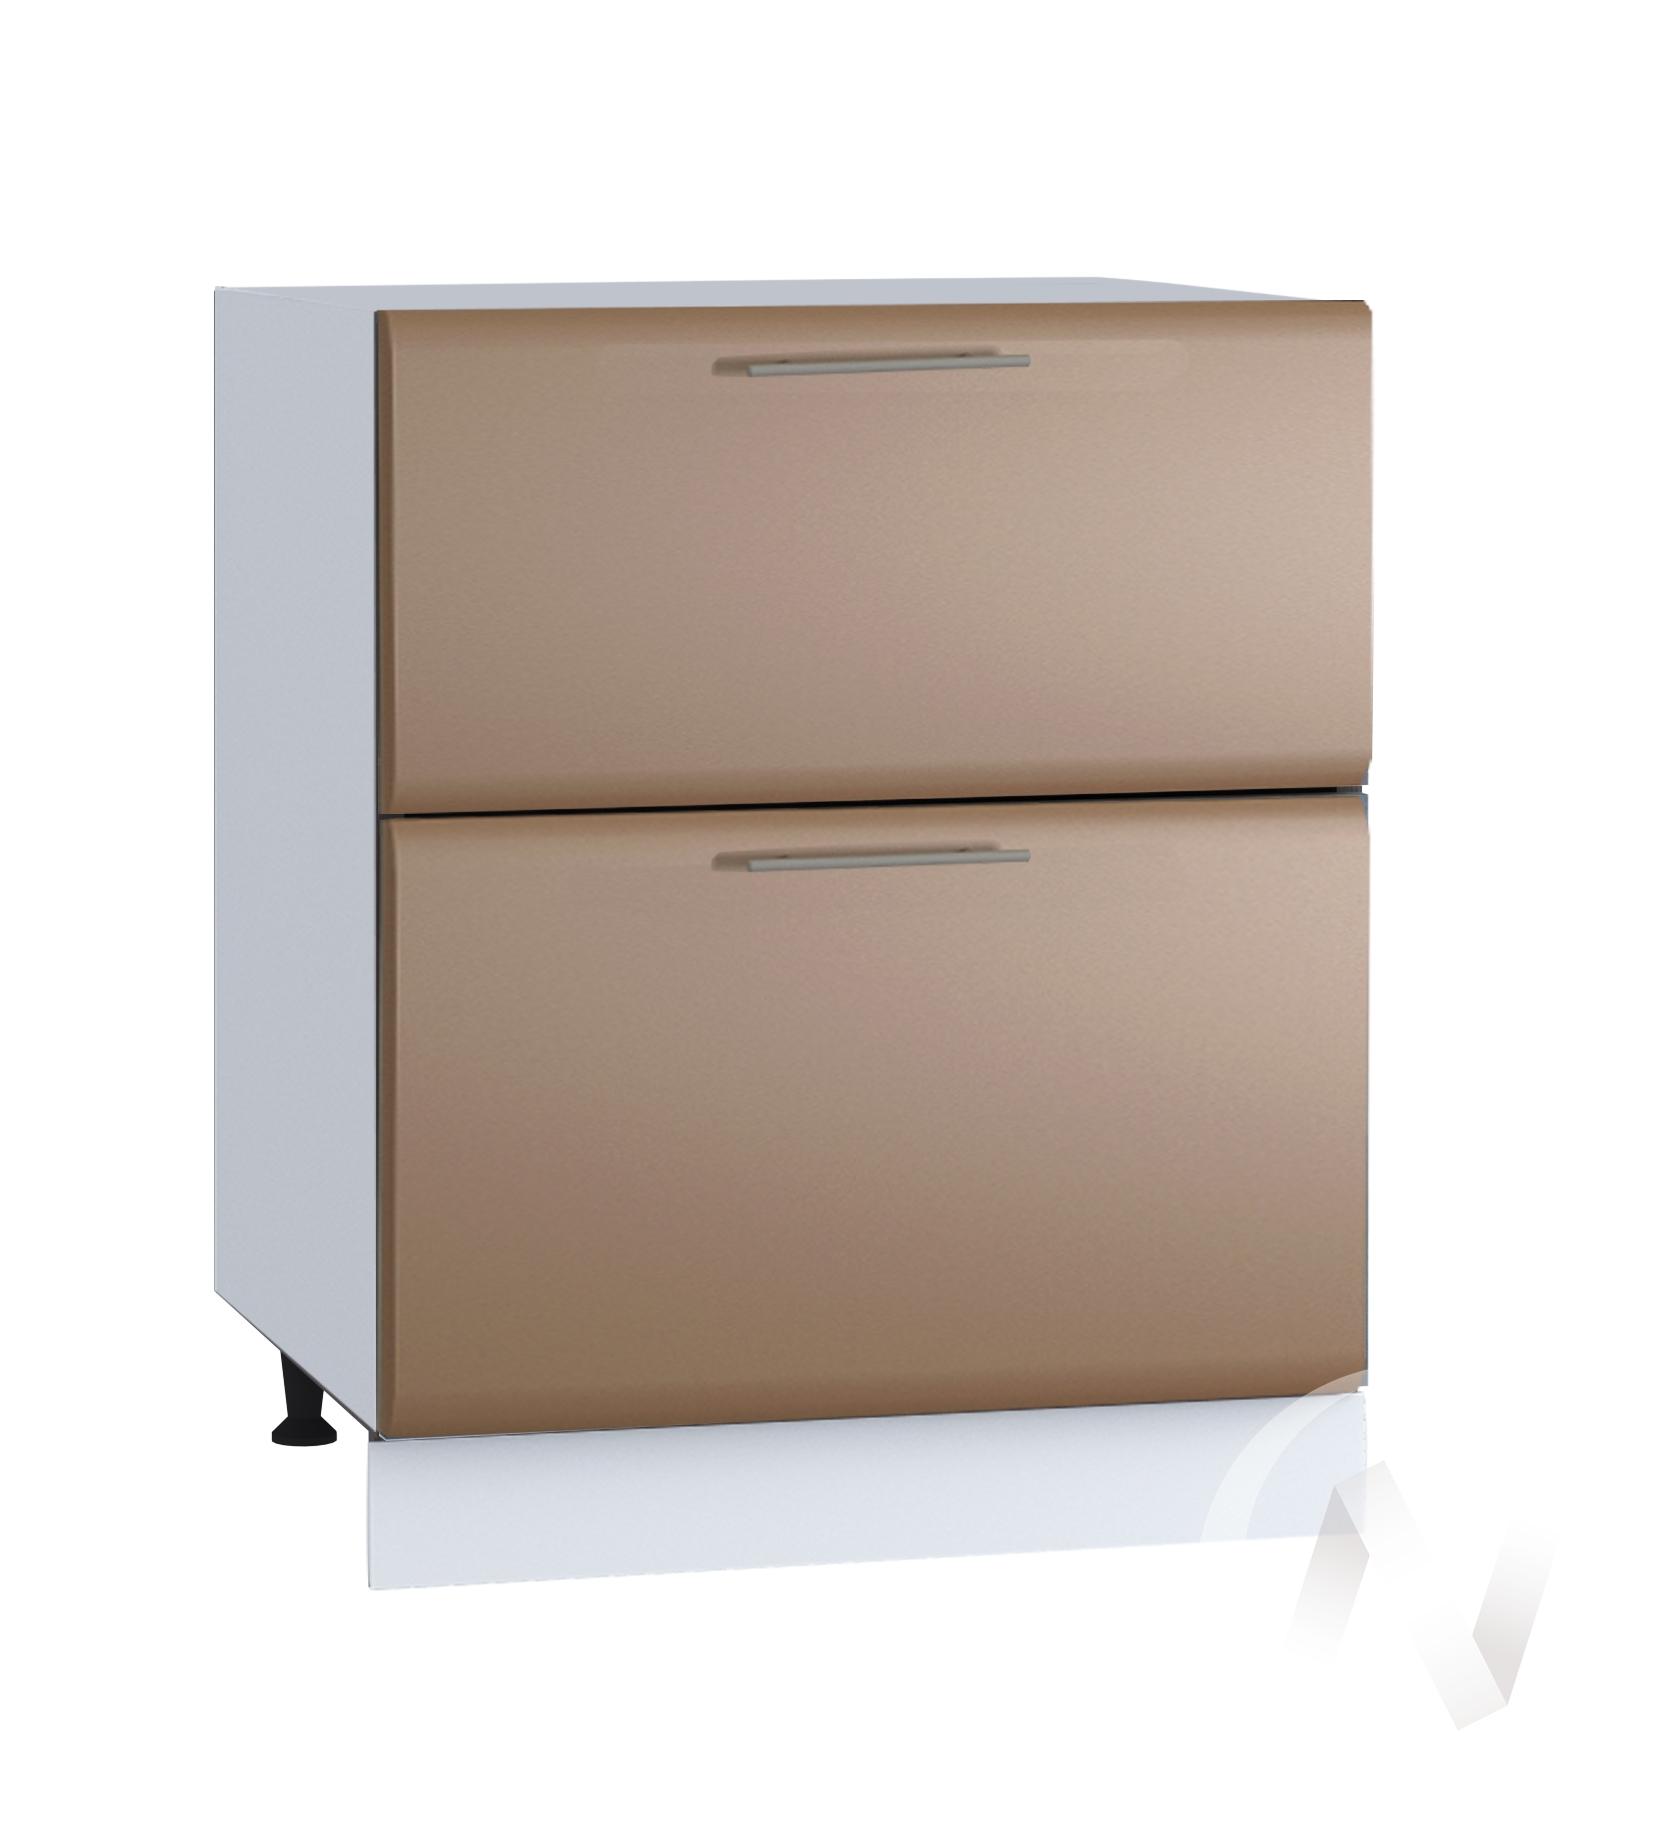 """Кухня """"Люкс"""": Шкаф нижний с 2-мя ящиками 600, ШН2Я 600 (Шоколад матовый/корпус белый)"""